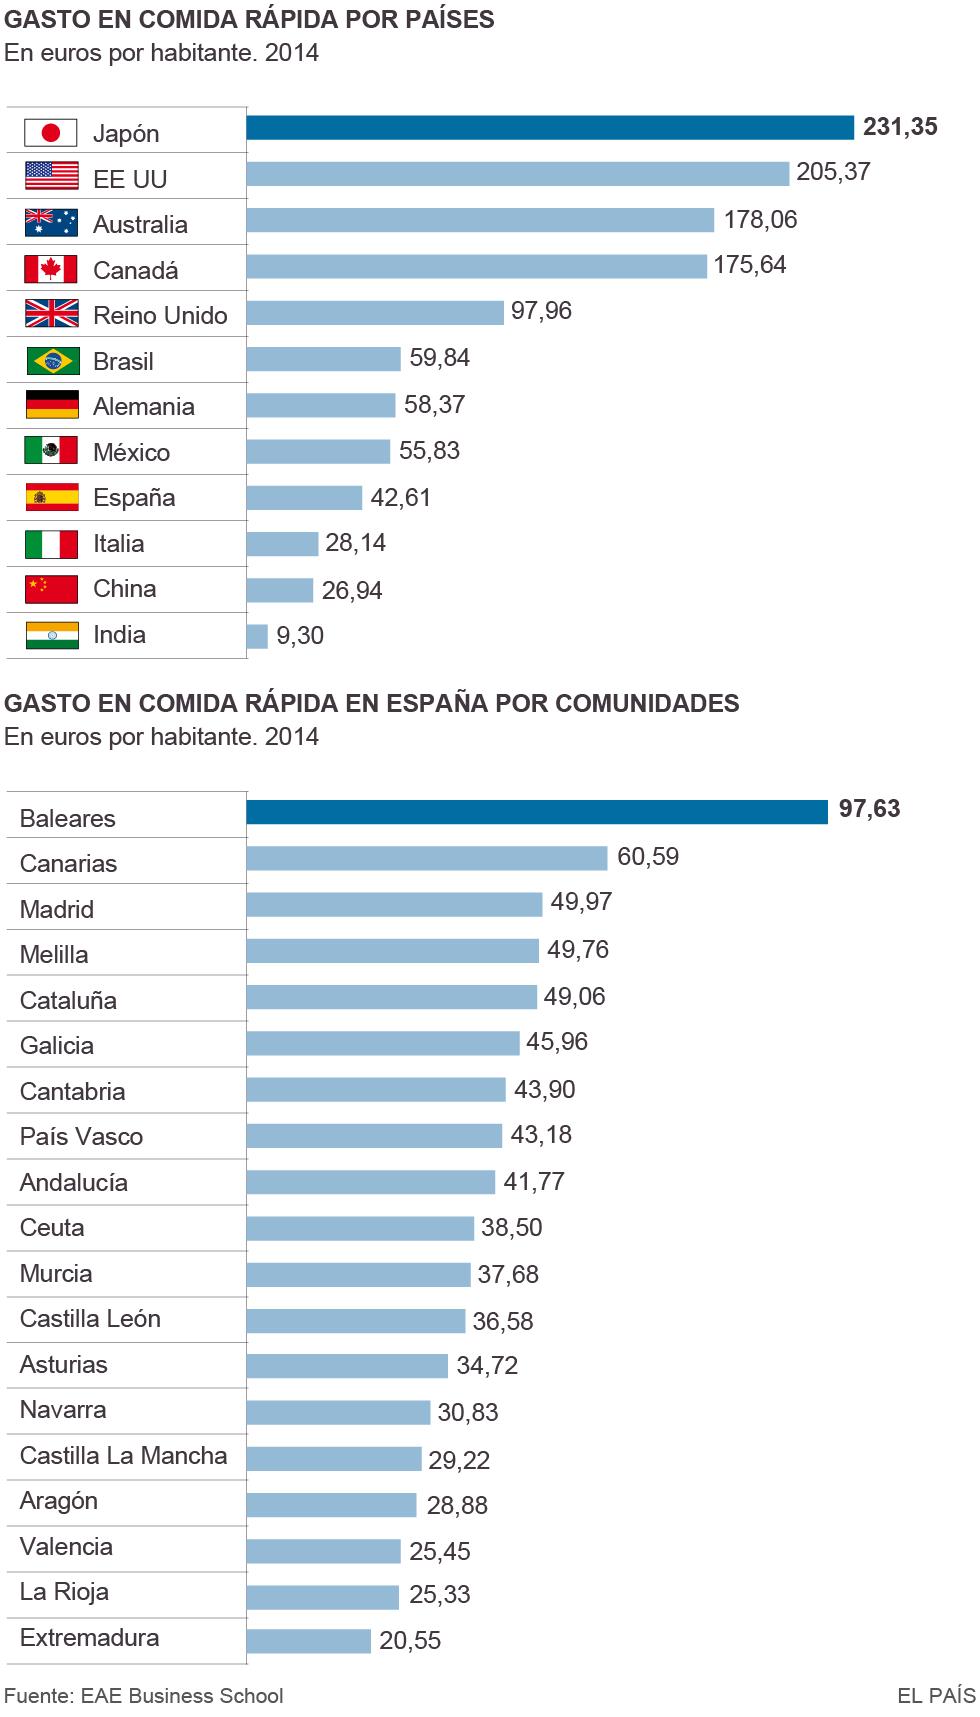 Los españoles, entre los que menos gastan en comida rápida: 42 euros al año